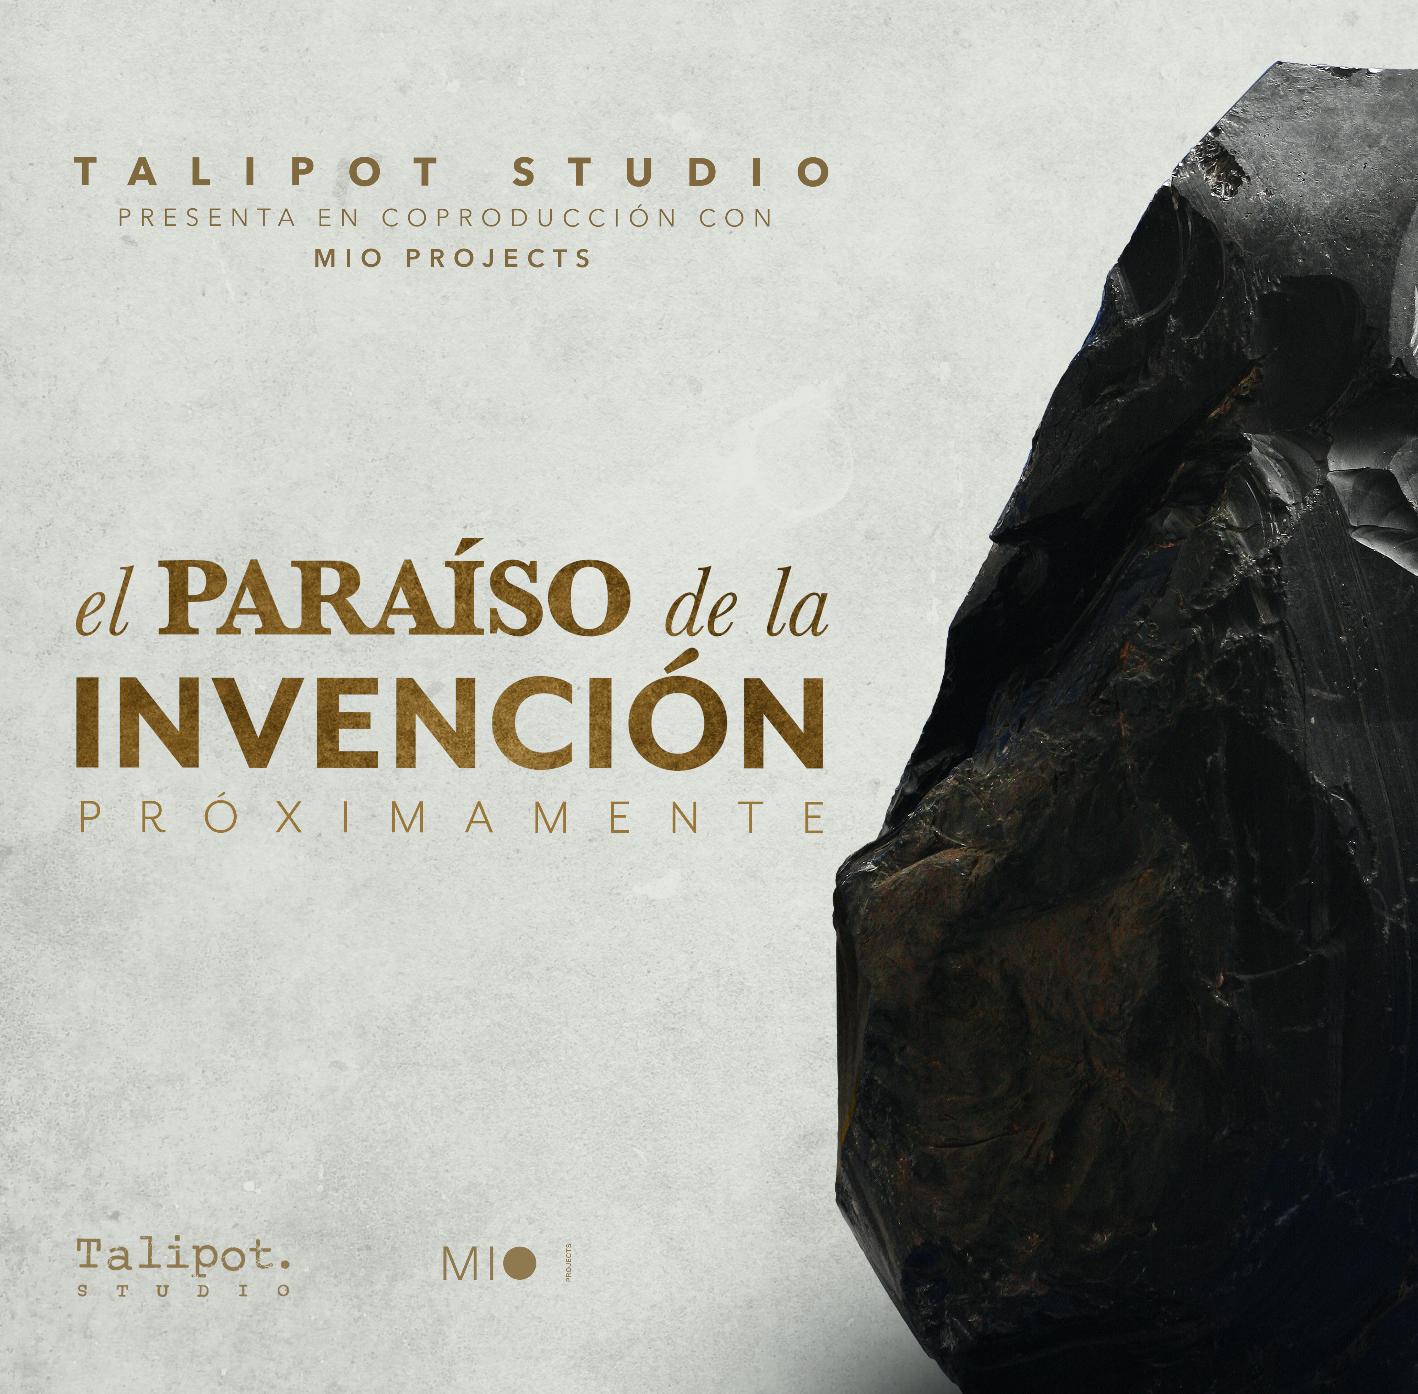 """Marina de Tavira y Alfonso Herrera presentarán la obra teatral """"El paraíso de la invención"""" vía streaming"""